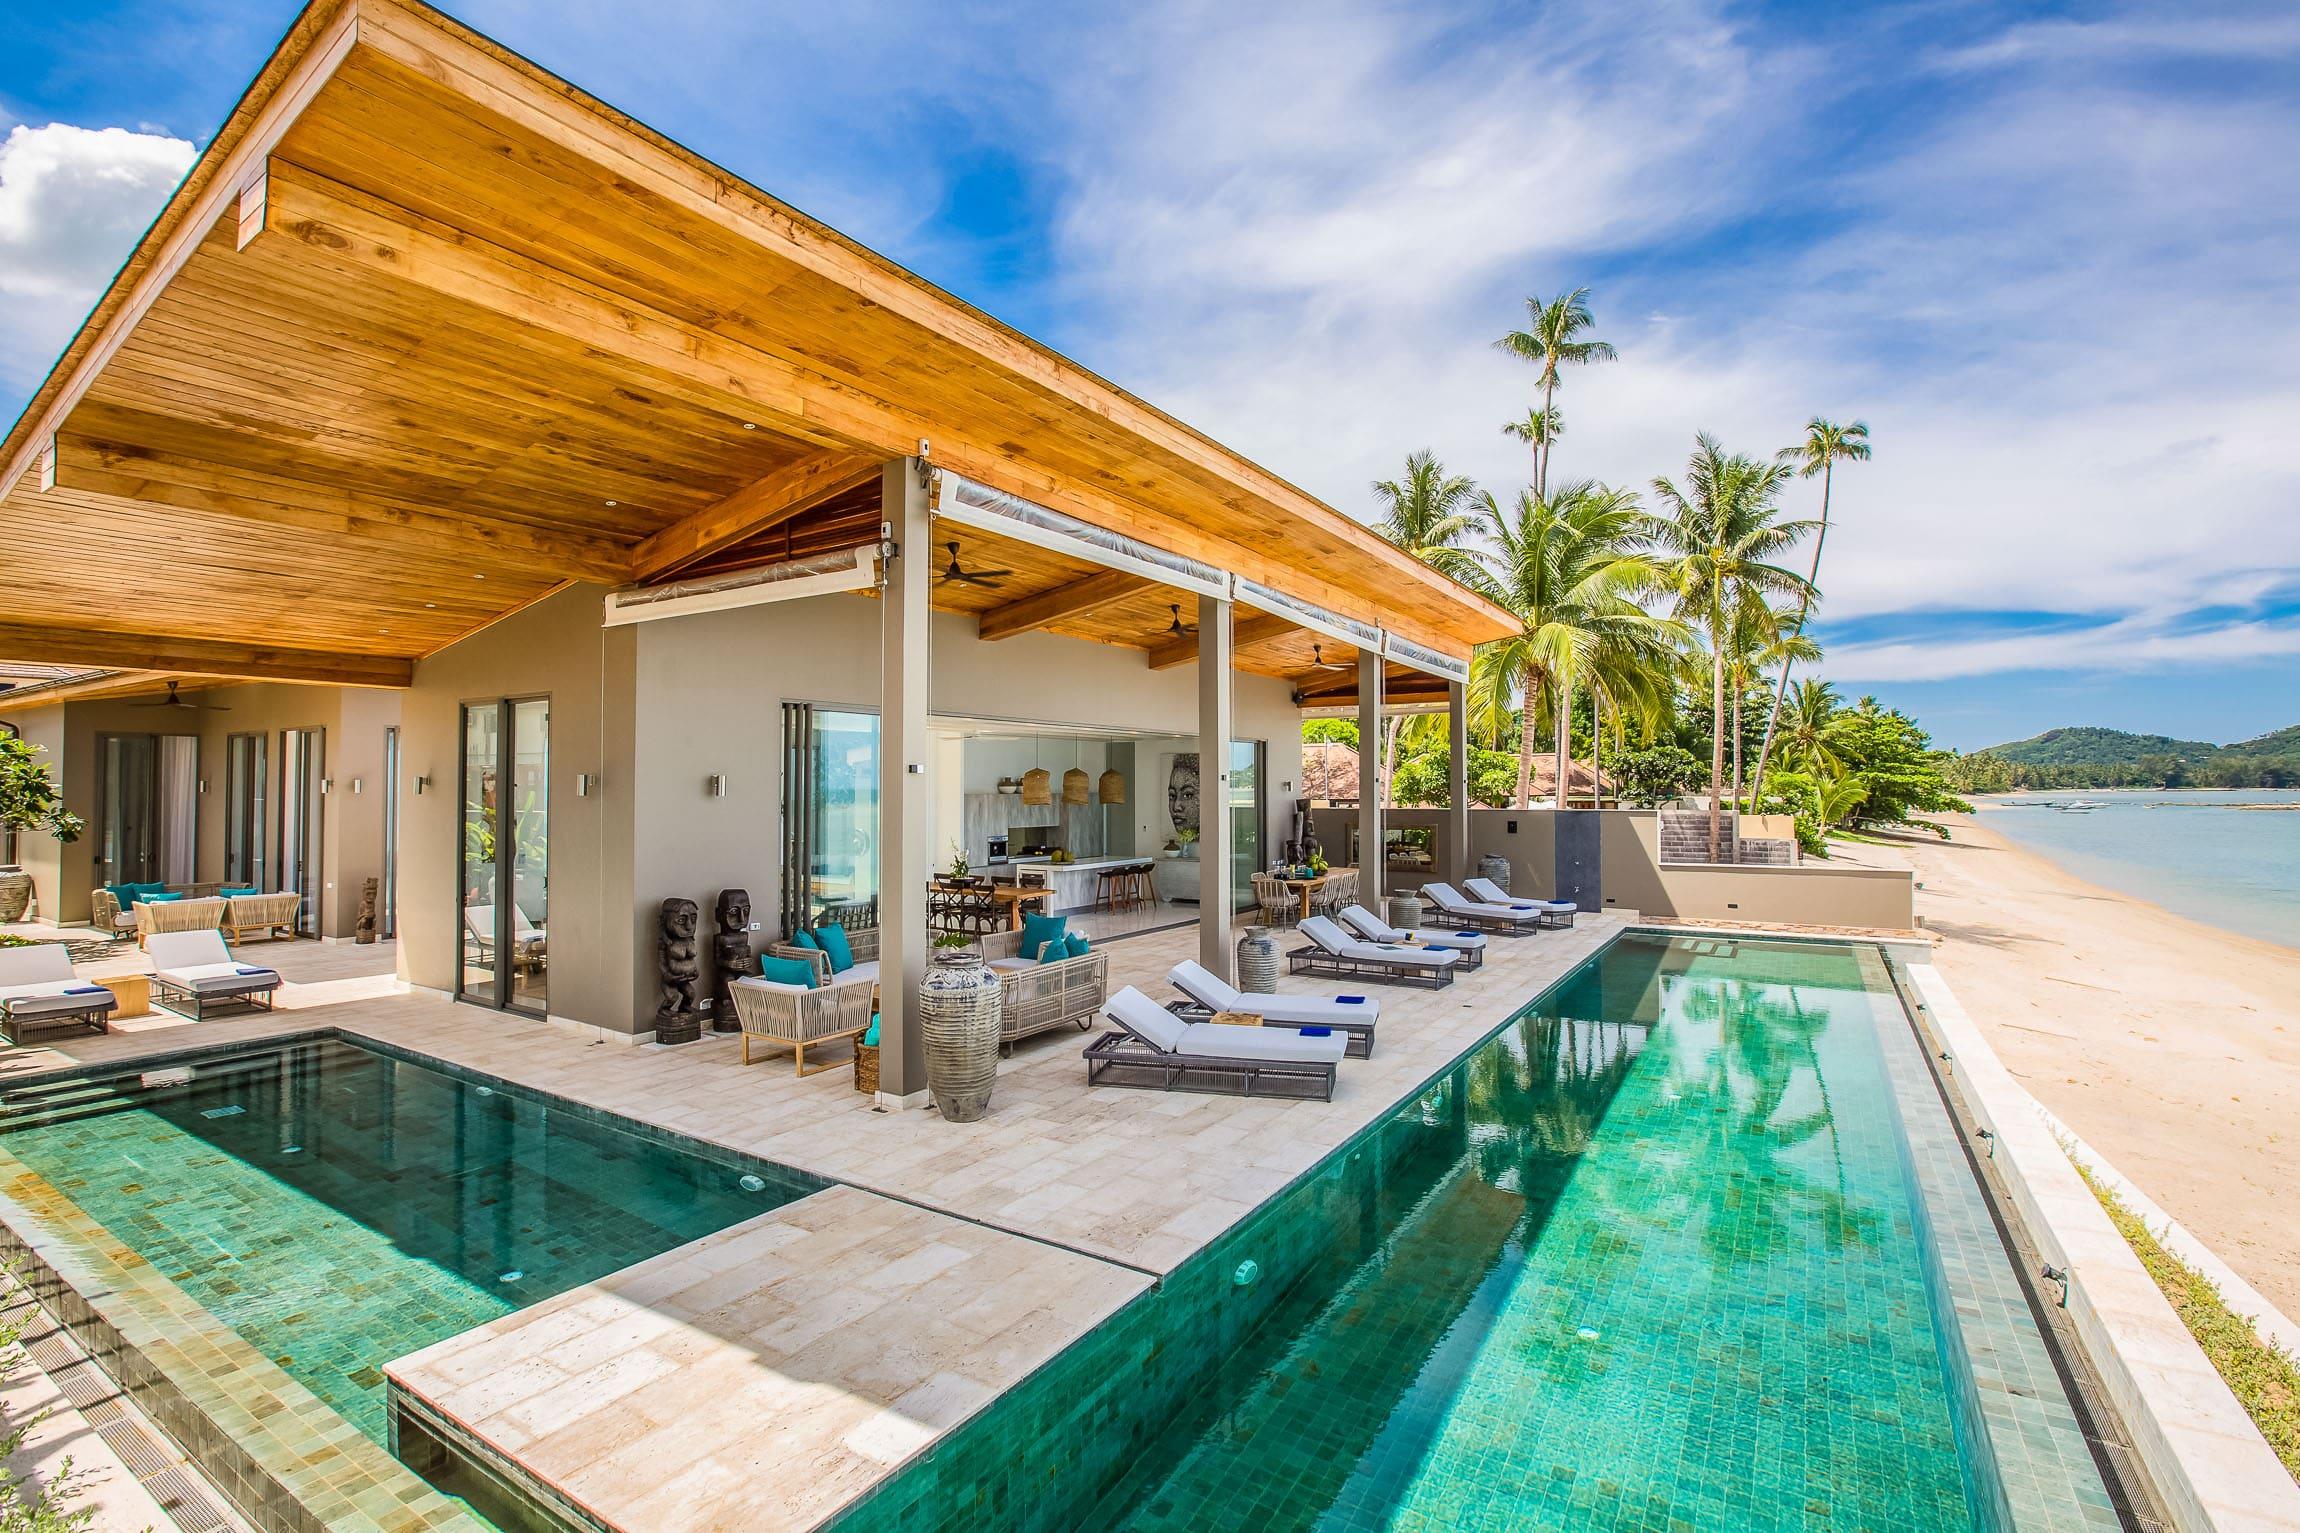 Te imaginas viajar sin dinero a Tailandia y dormir gratis en esta villa de lujo.